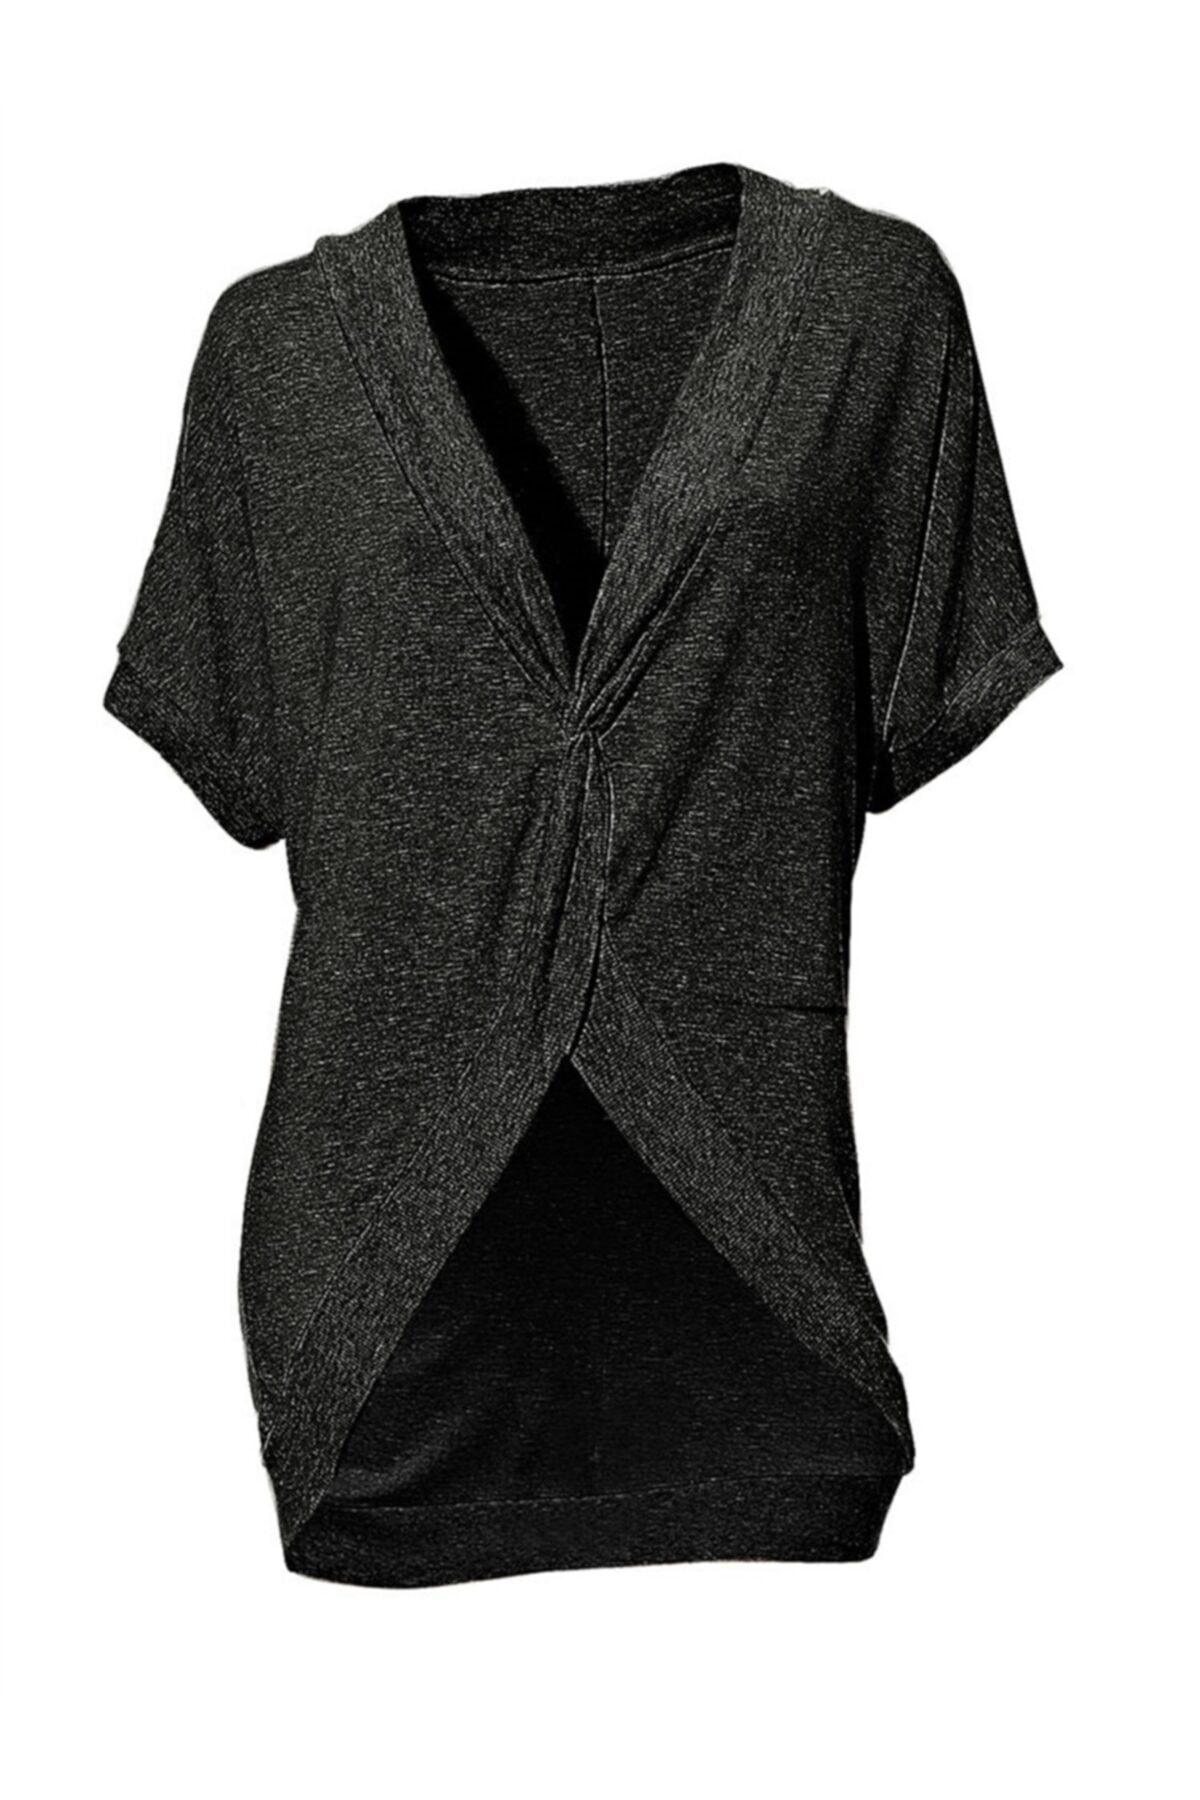 Bulalgiy Kadın Siyah Yarasa Kollu Ceket T-shirt - Bga003122 1